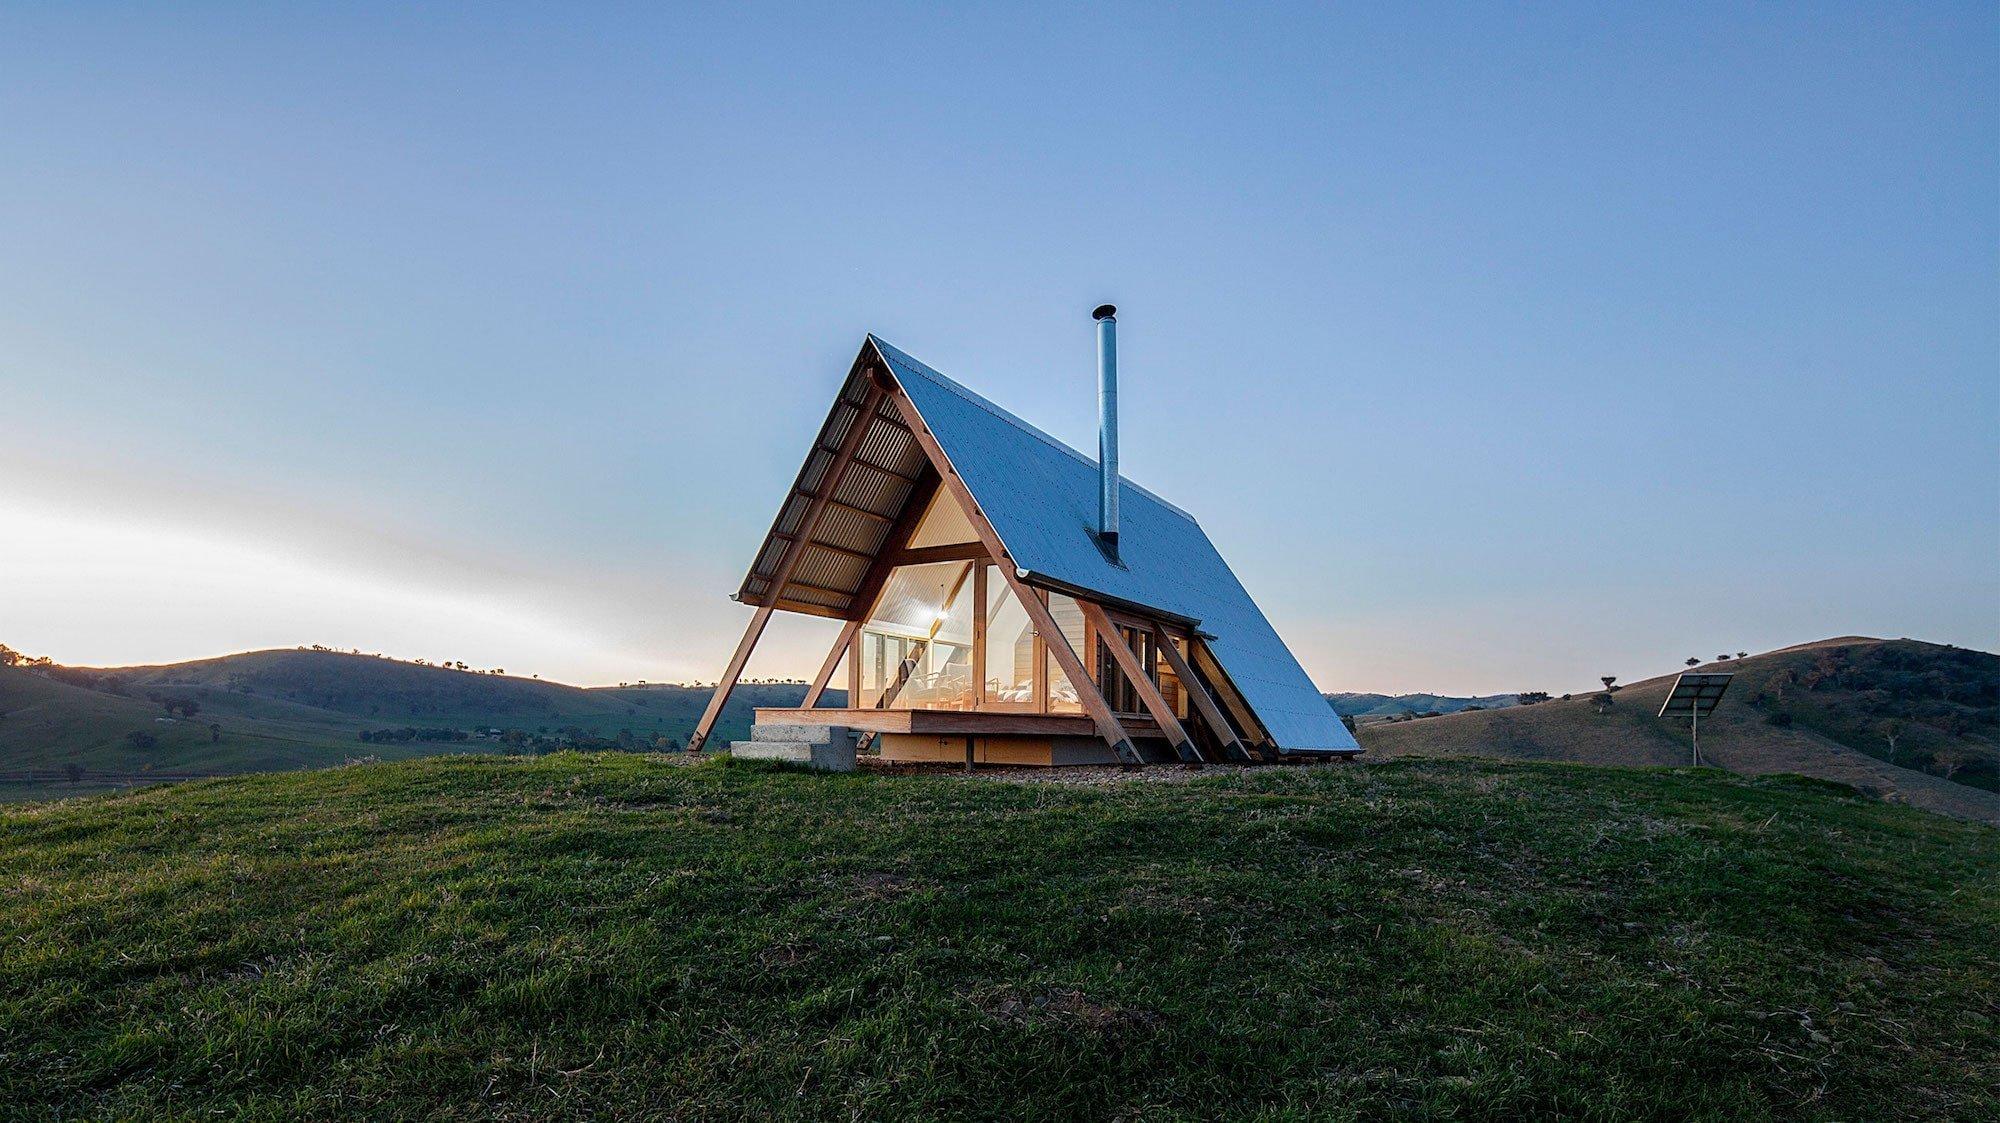 JR's Hut, jak se této stavbě říká, se nachází na samém vrcholu kopce v australském Kimo Estate v Novém Jižním Walesu mezi městy Melbourne a Sydney (5 hodin a 4 hodiny jízdy z každého města) a představuje jedno z mála míst v Austrálii, kde je možné se zcela odpojit od digitálních technologií.